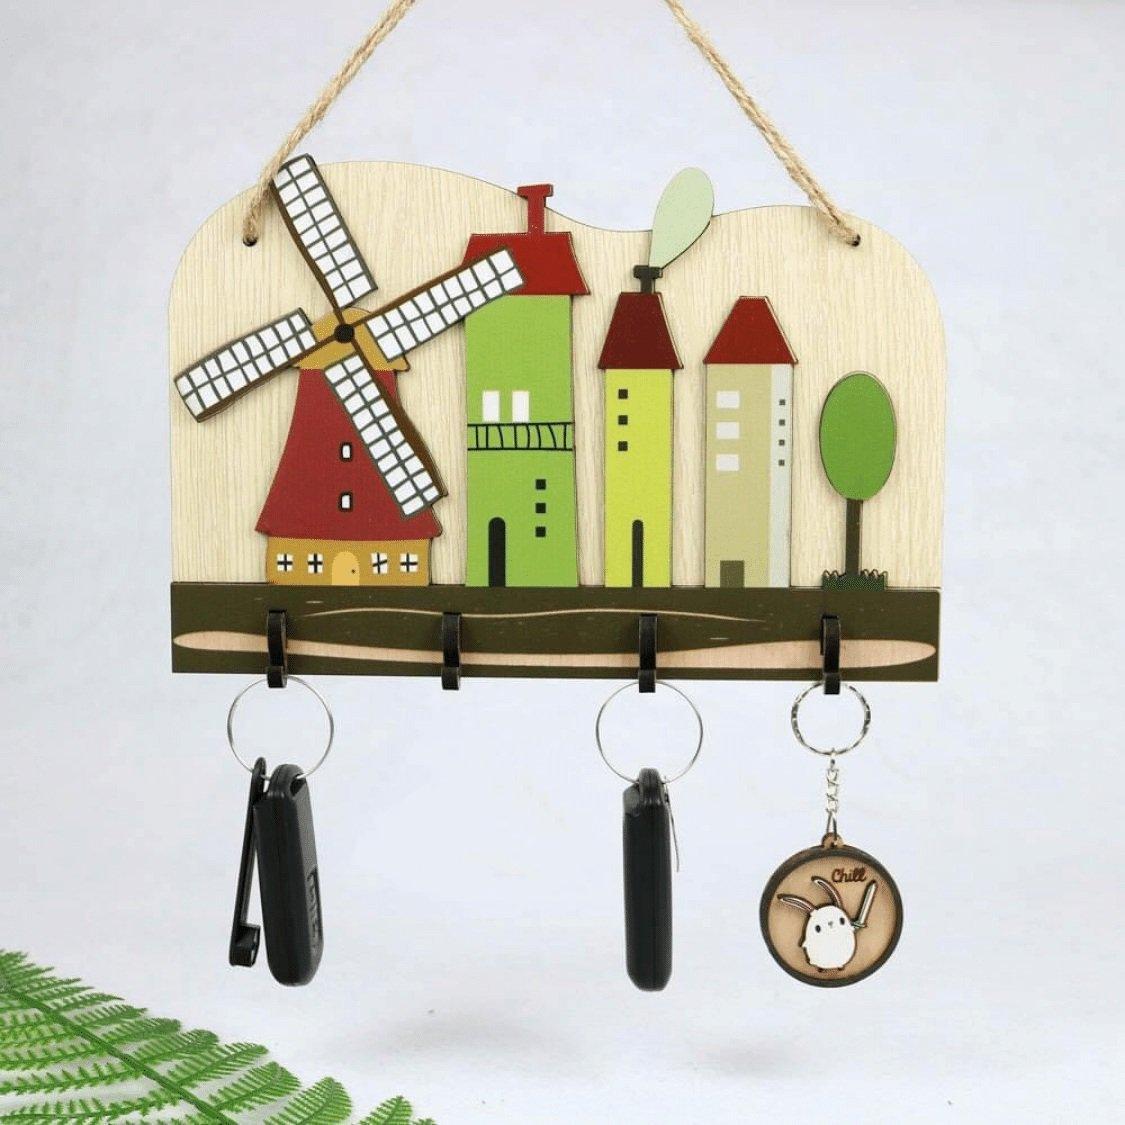 Bảng treo handmade cối xoay gió